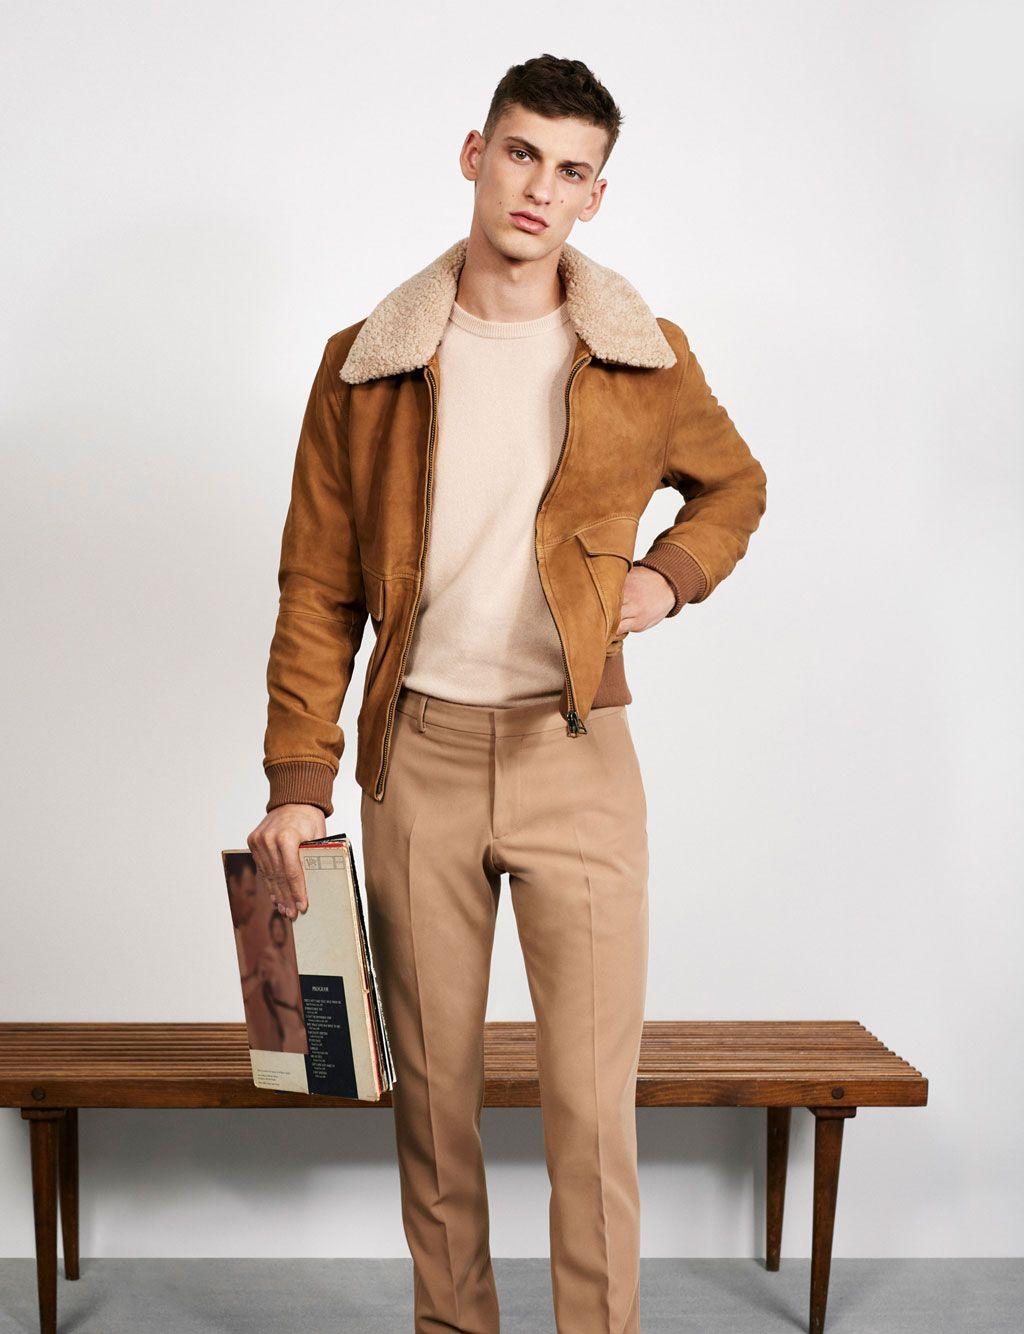 Image 1 of from Zara | Moda masculina casual, Moda masculina